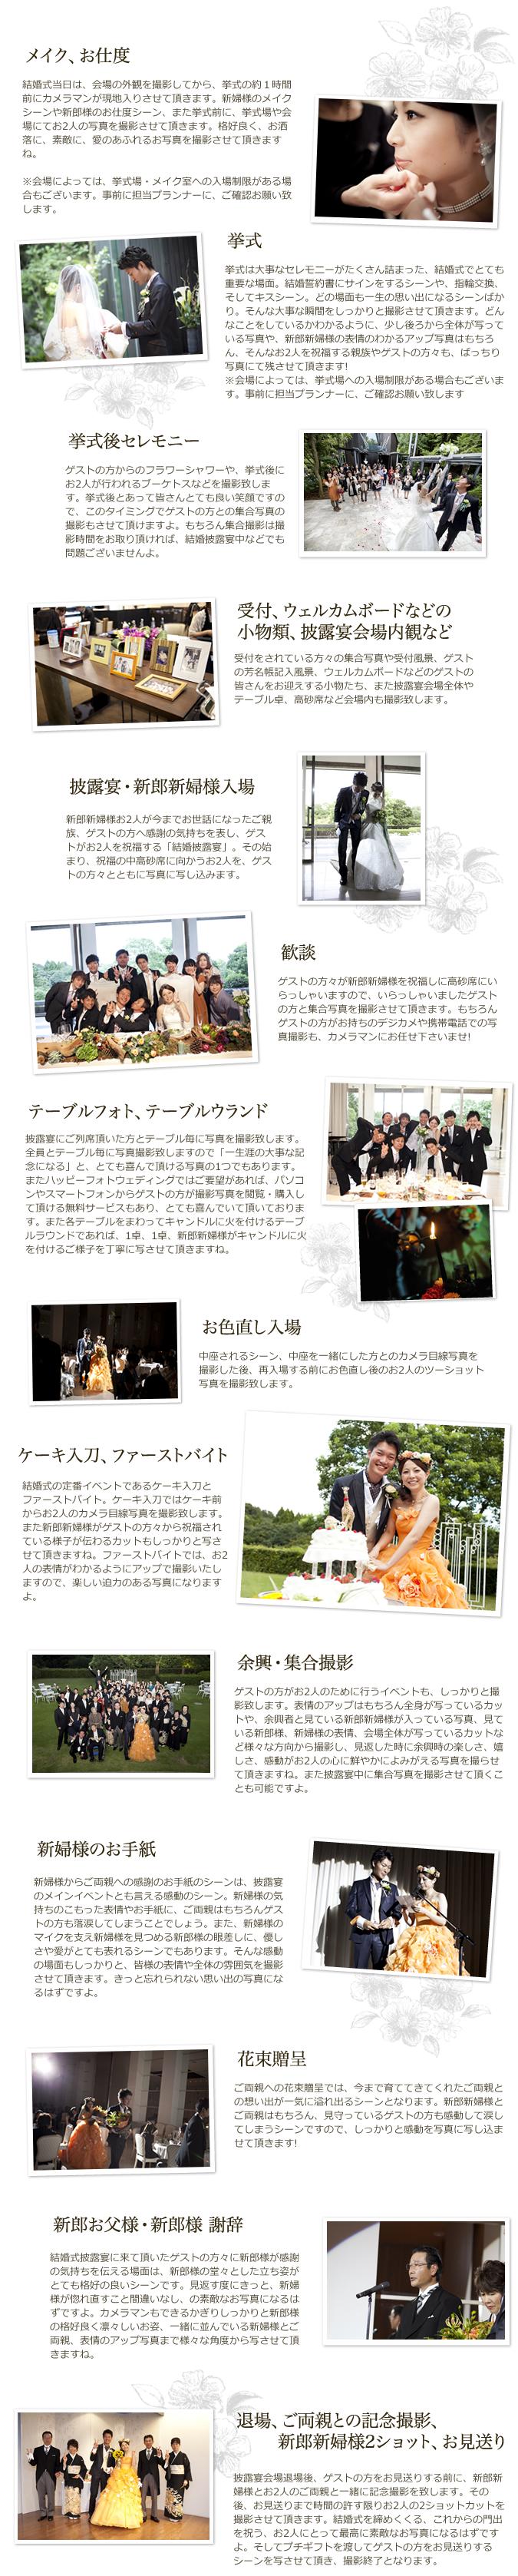 結婚式(挙式・披露宴)の写真撮影の流れ イメージ